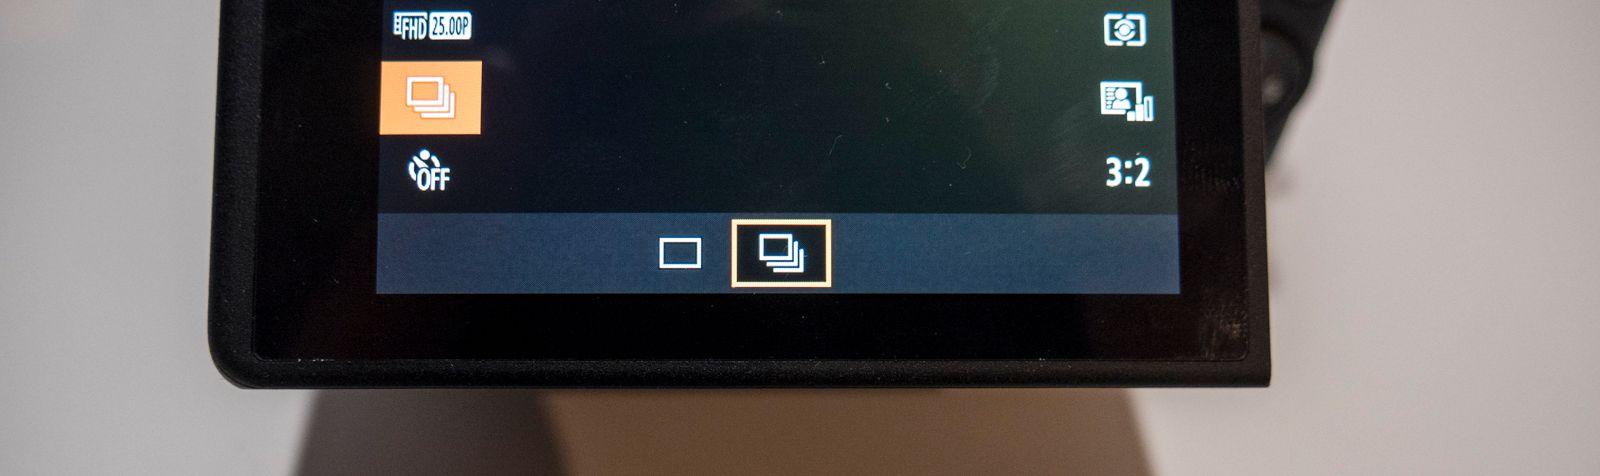 Se etter dette symbolet i menyen eller på en av knappene. Bilde: Kristoffer Møllevik